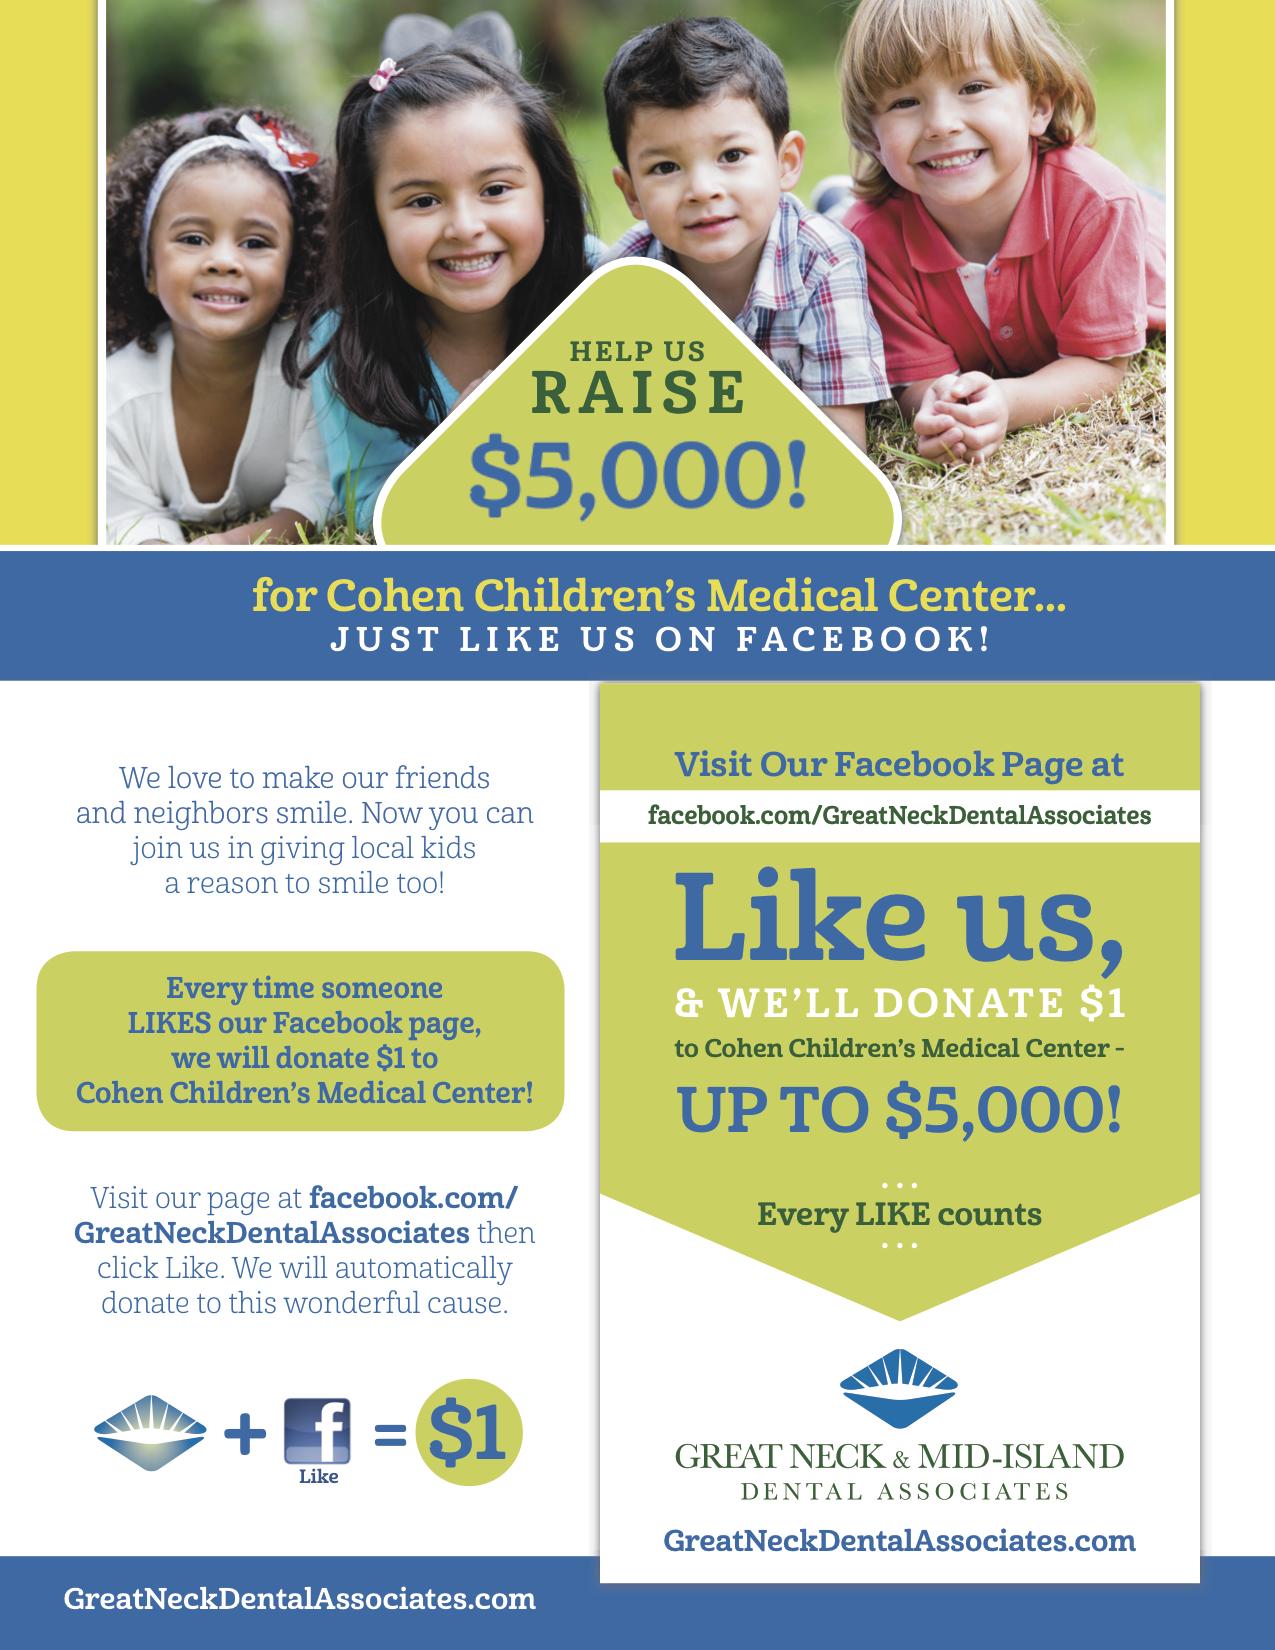 ATNY-2584-FB Charity Poster